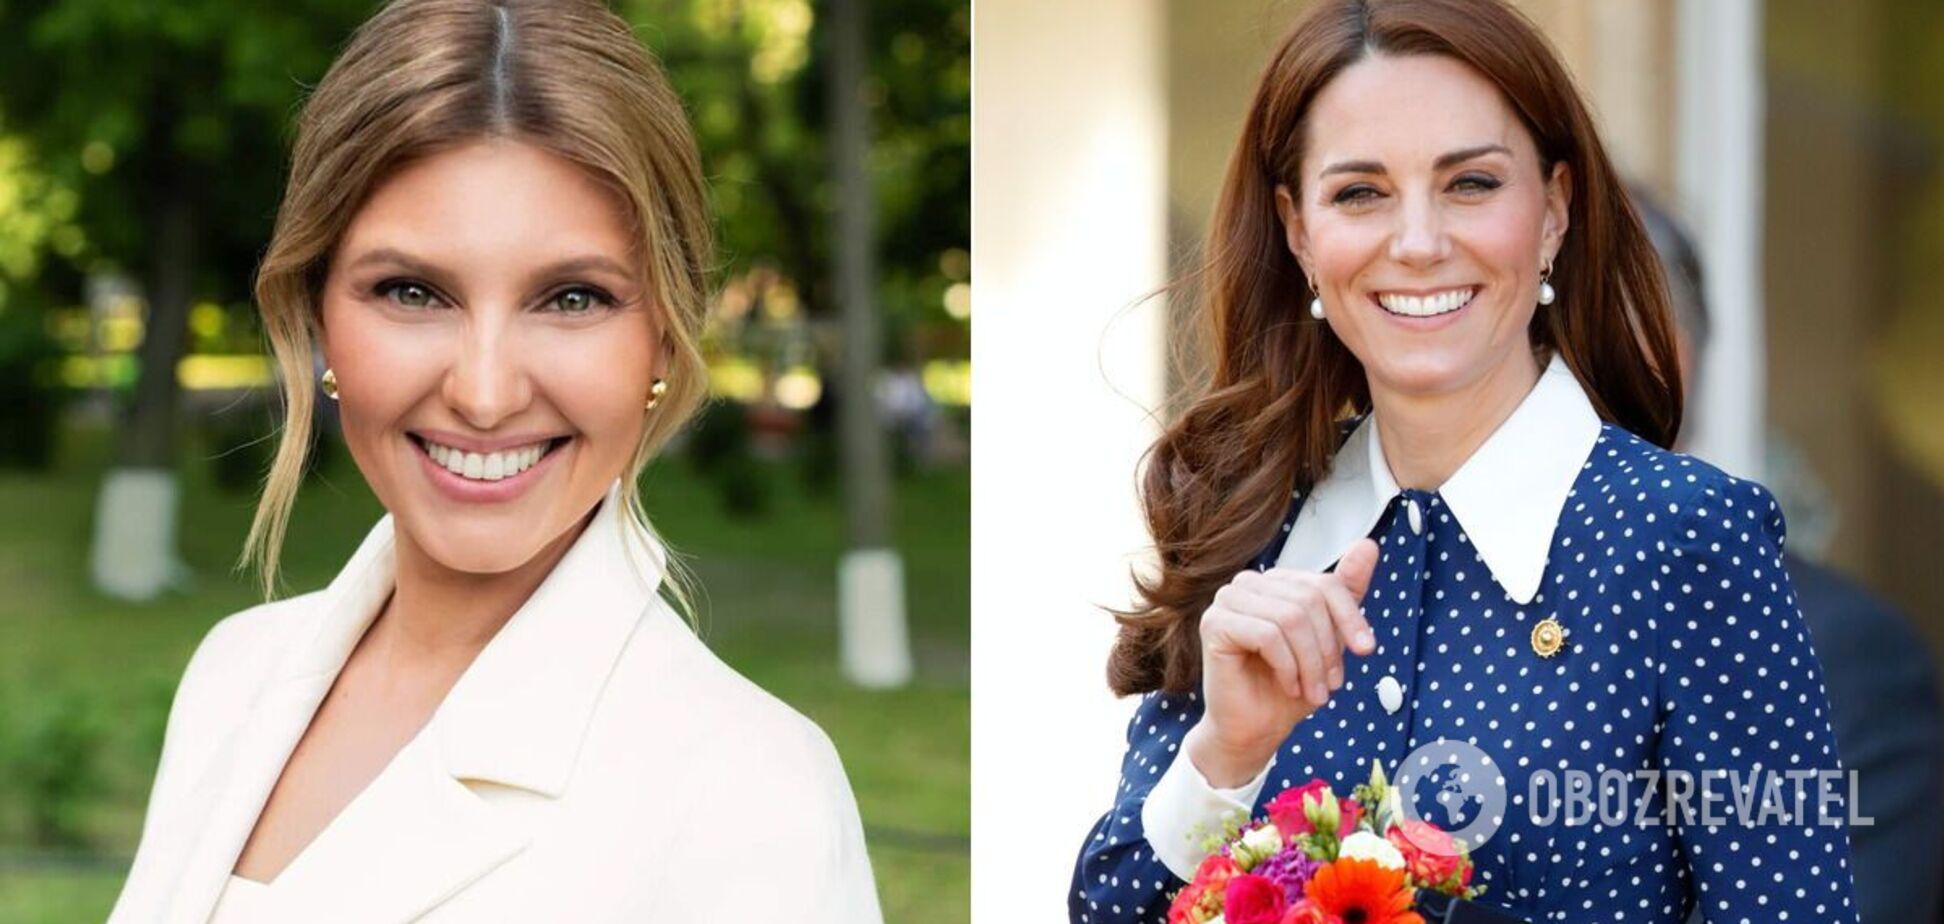 Зеленська зустрілася з Кейт Міддлтон під час офіційного візиту до Великої Британії